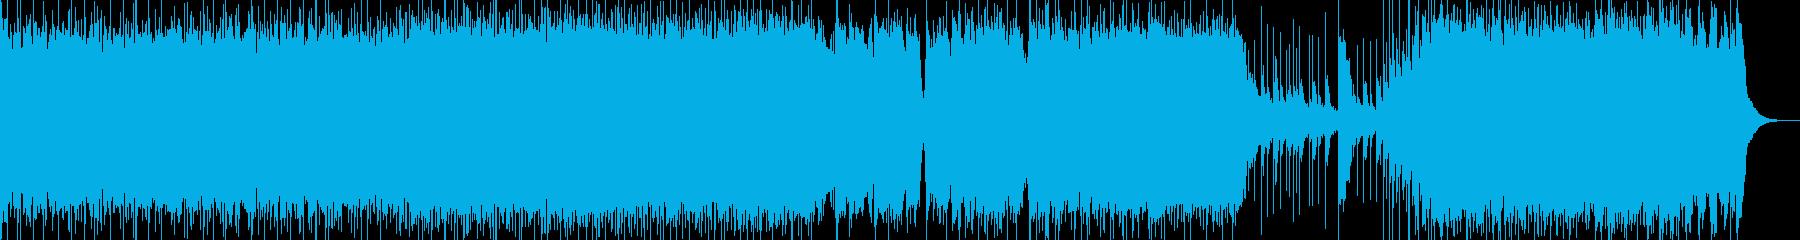 メタル アクティブ 明るい ワイル...の再生済みの波形